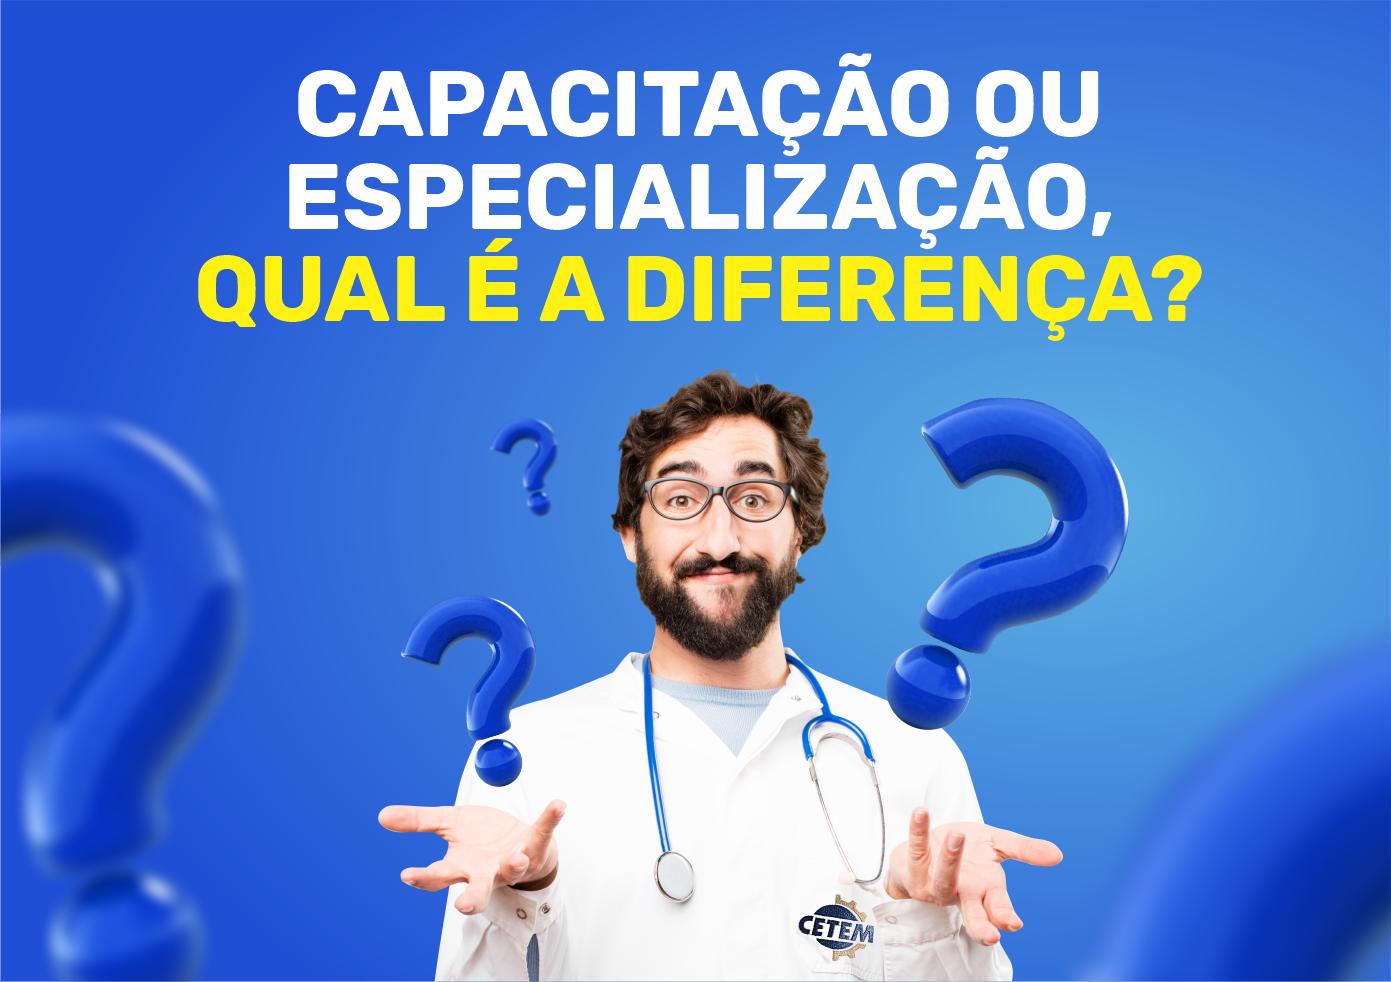 Capacitação ou Especialização, qual a diferença?